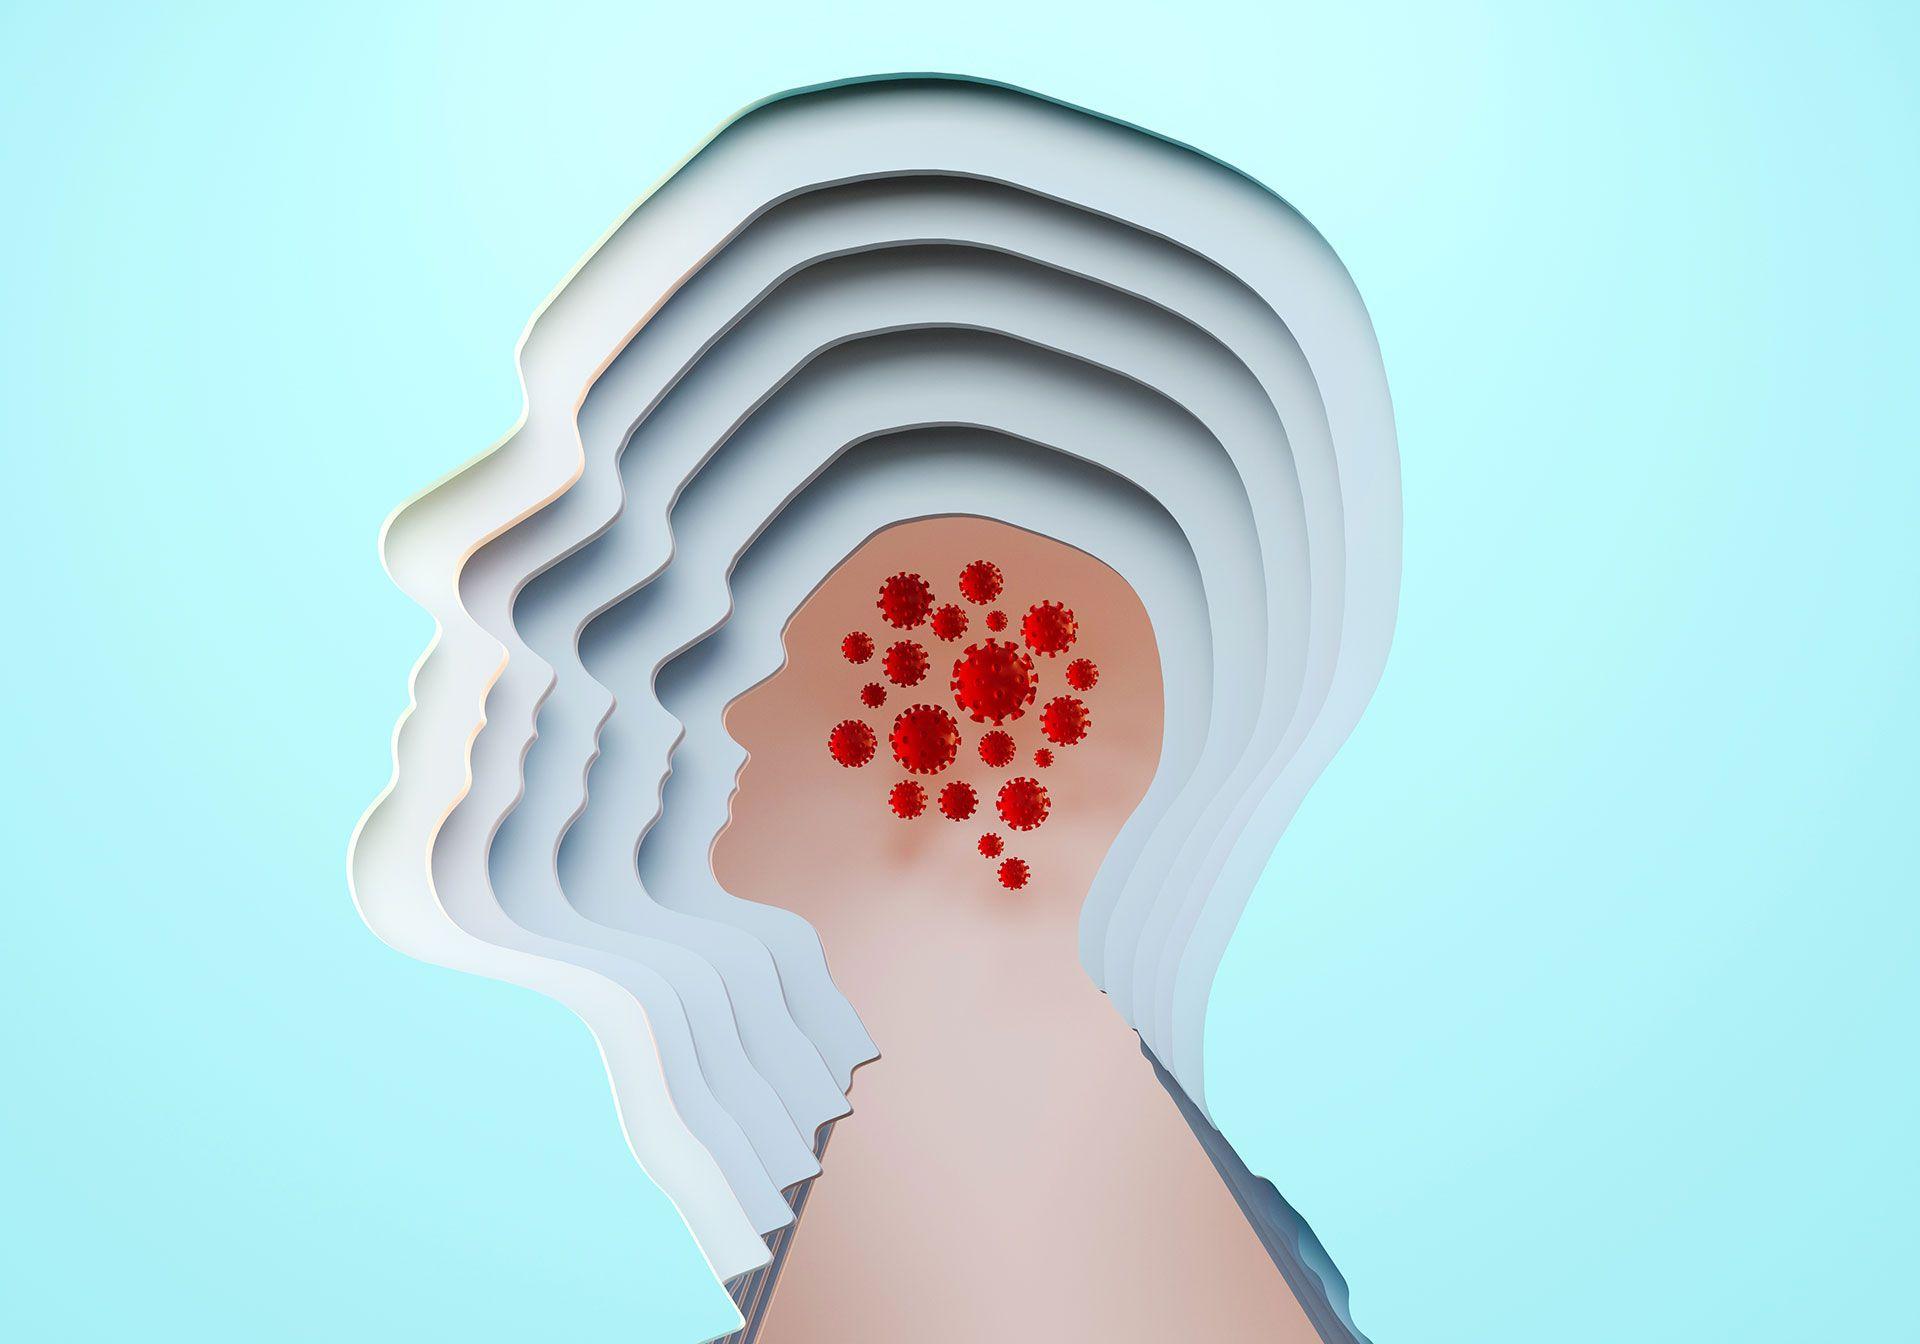 Cerebro COVID-19